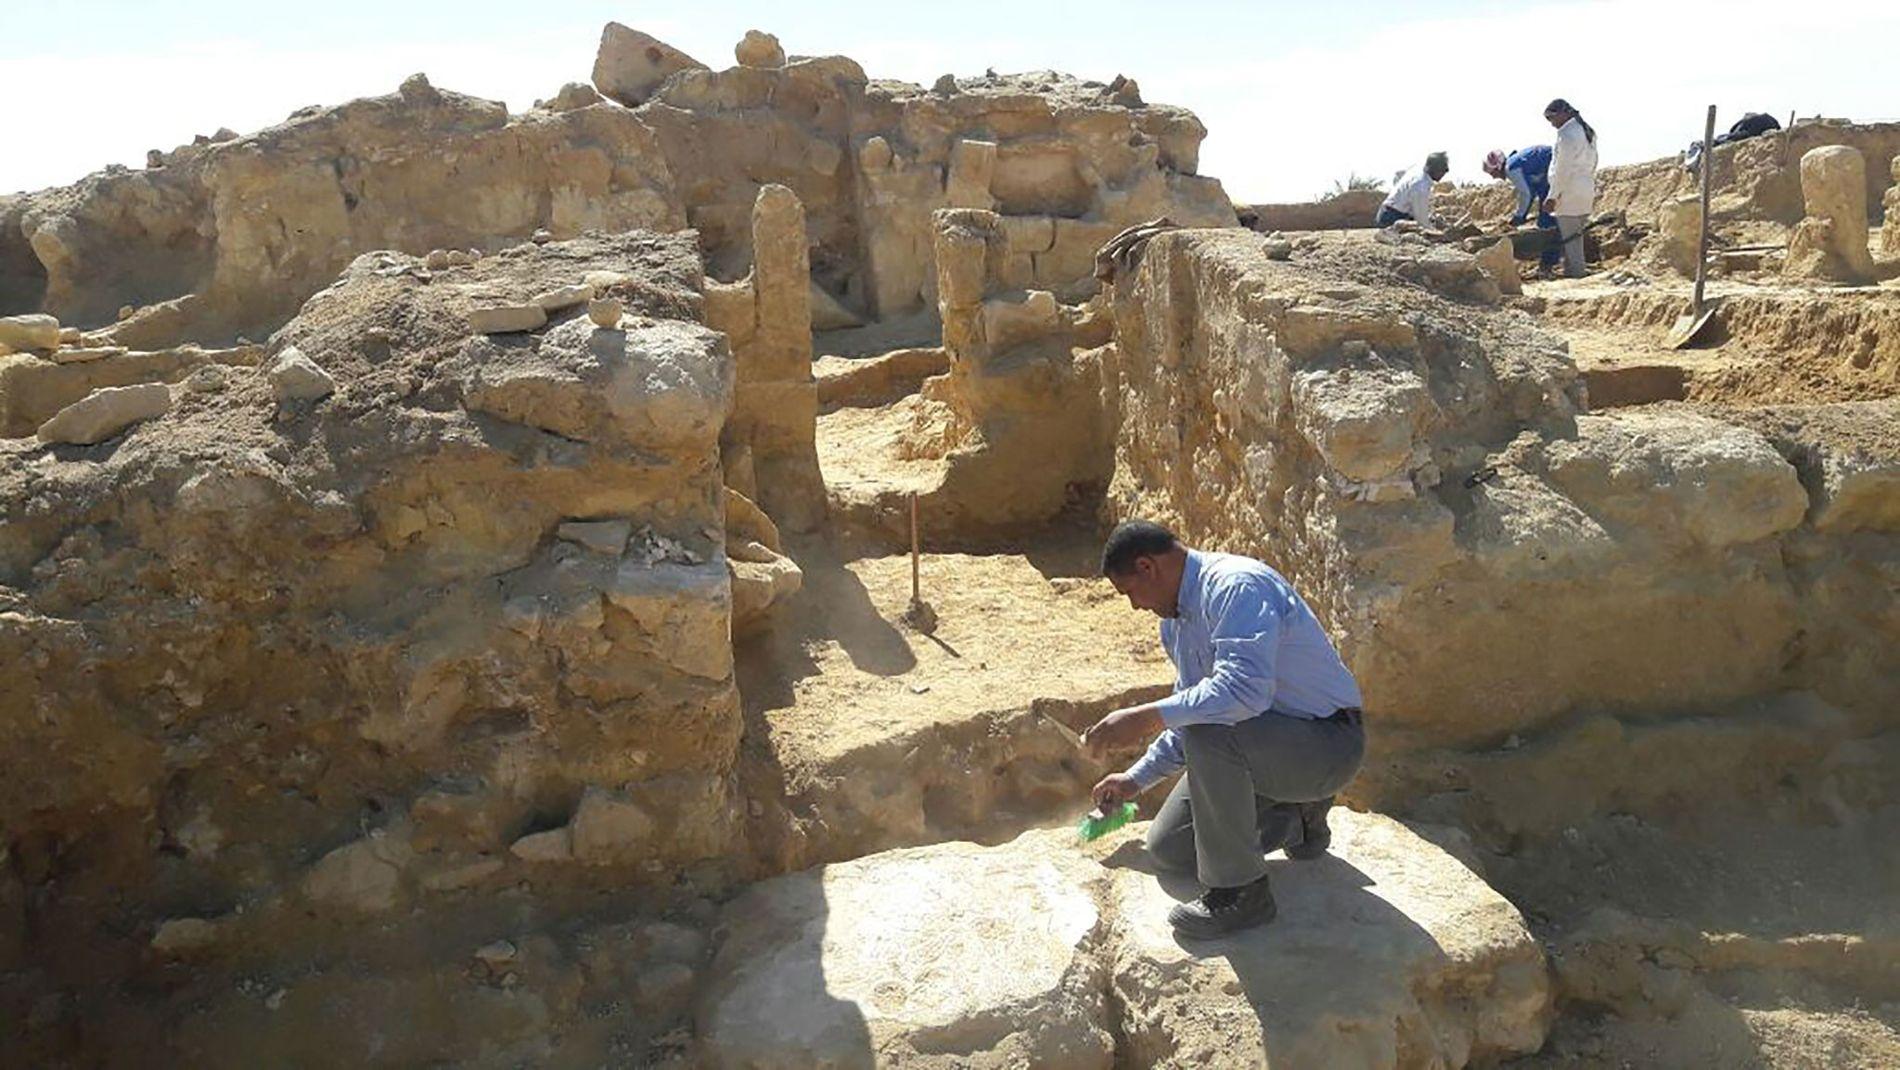 Templo greco-romano é desenterrado no Egito